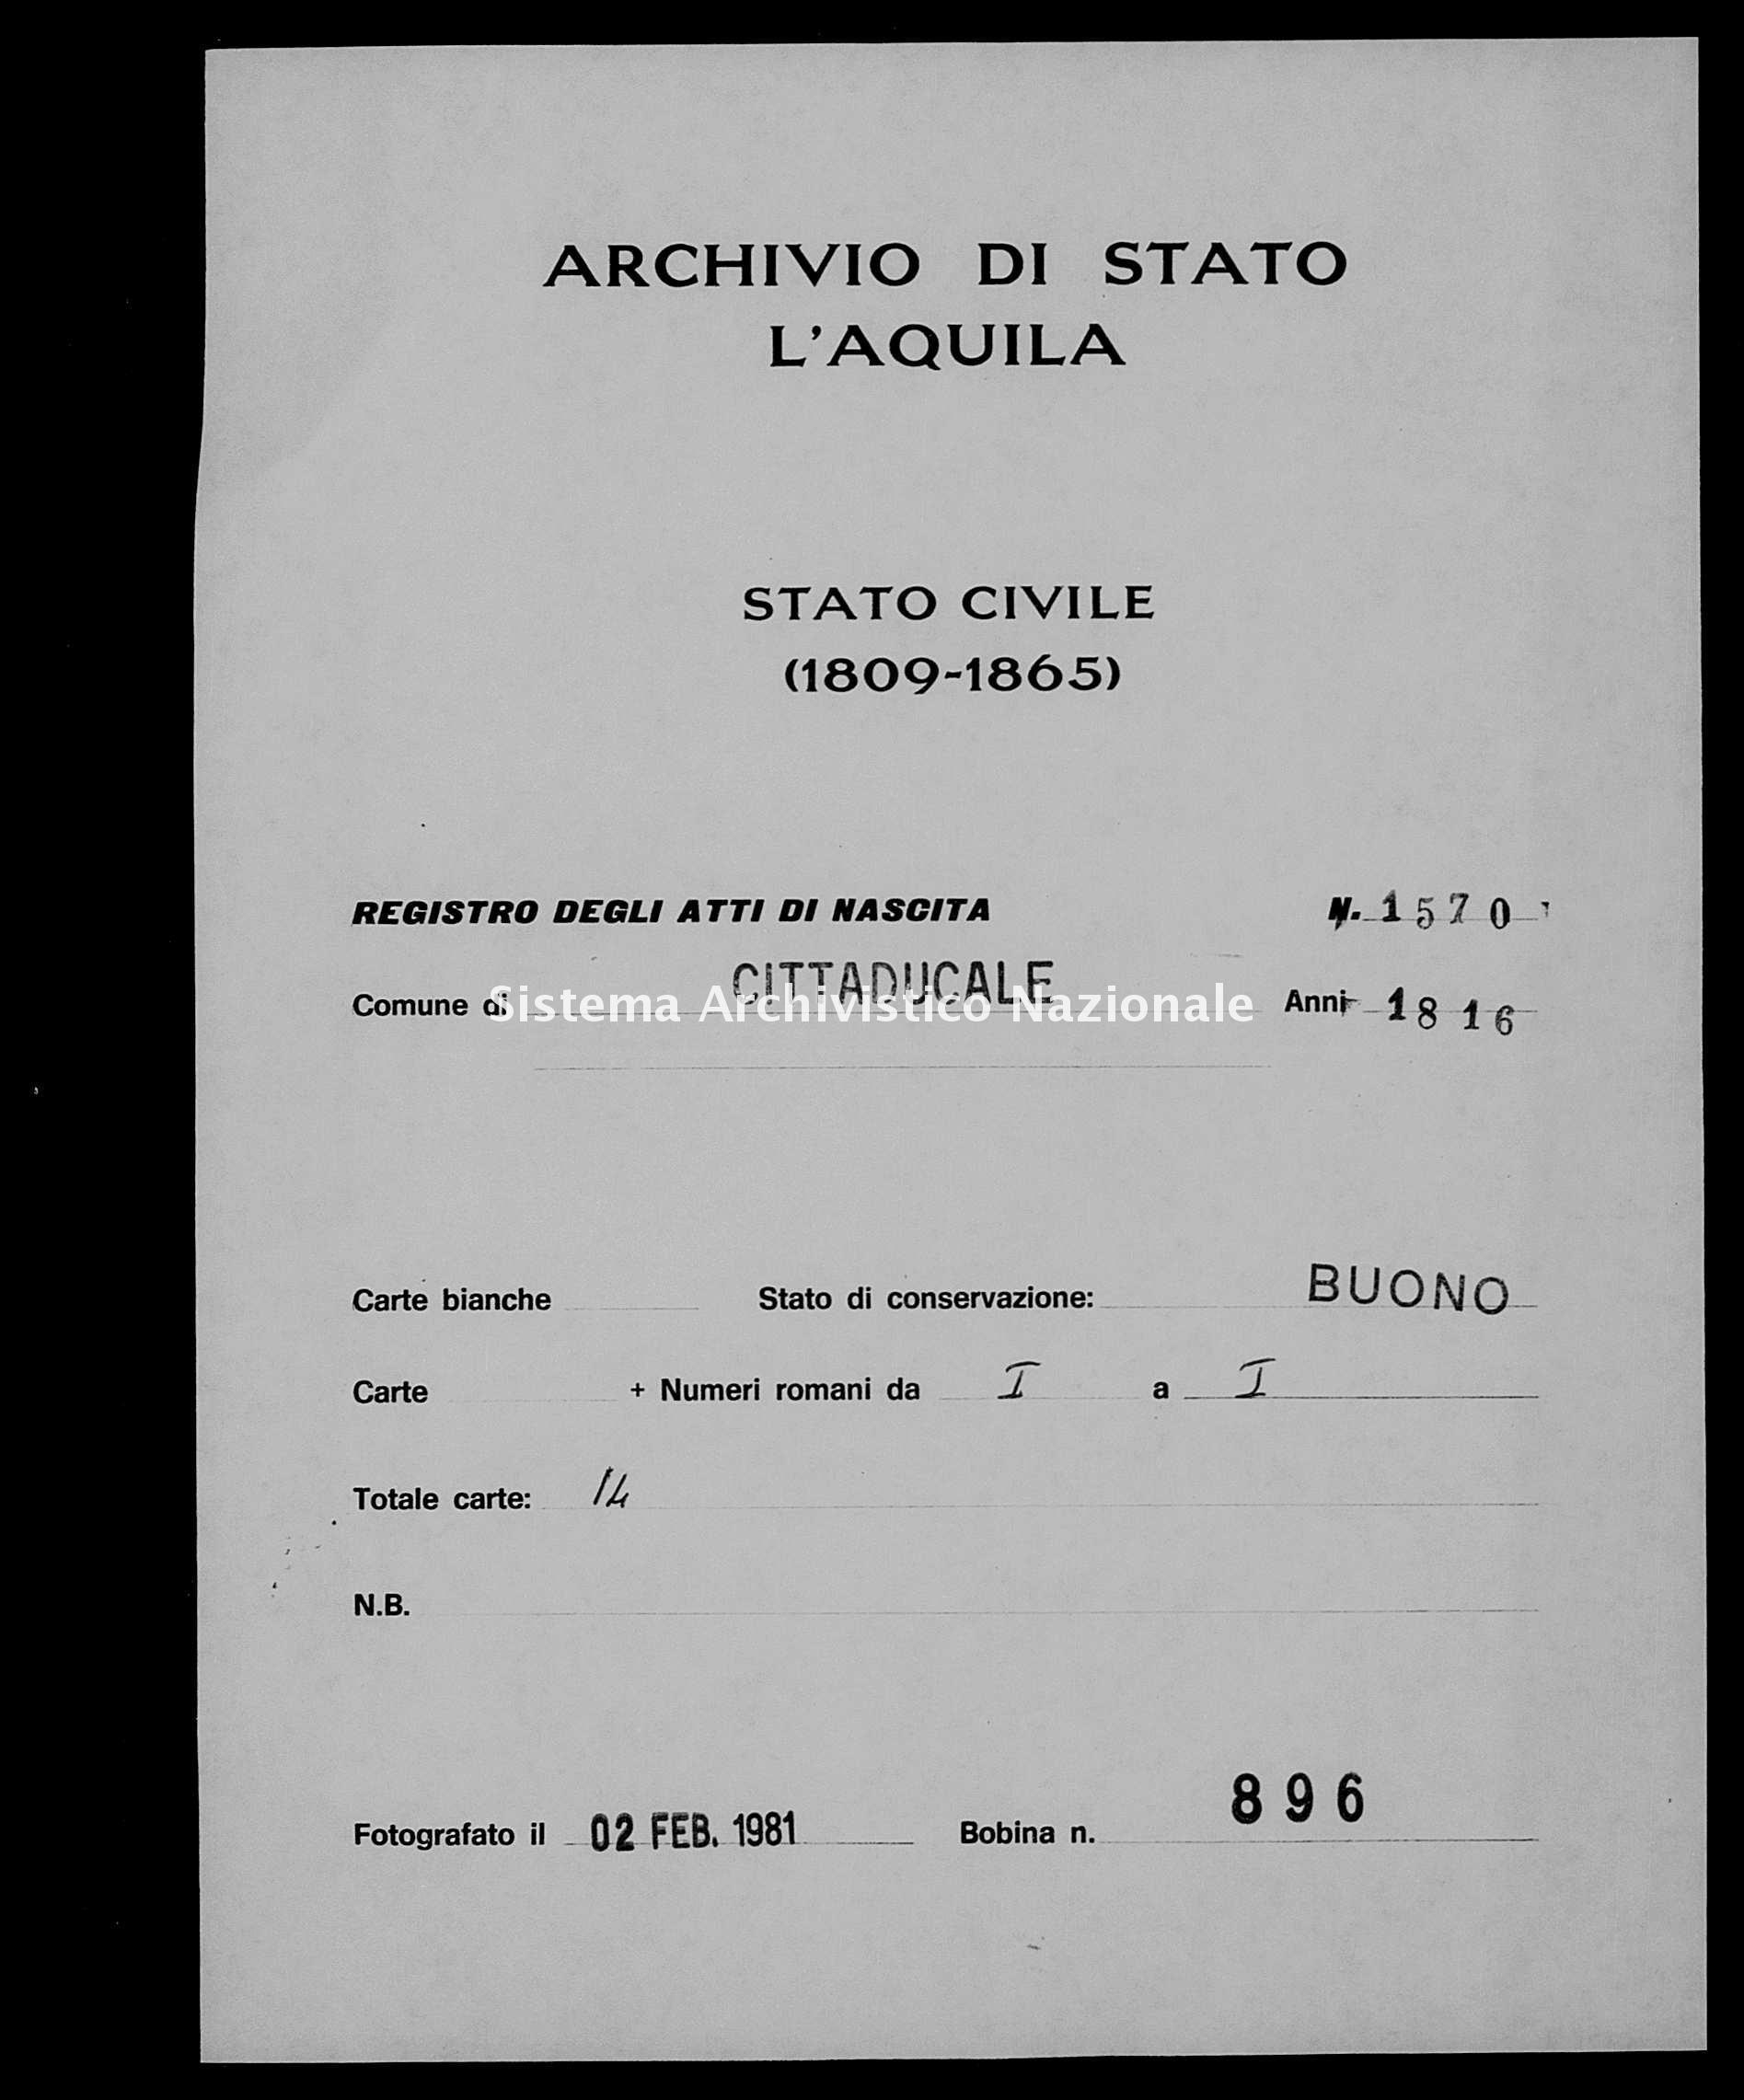 Archivio di stato di L'aquila - Stato civile della restaurazione - Cittaducale - Nati - 1816 - 1570 -